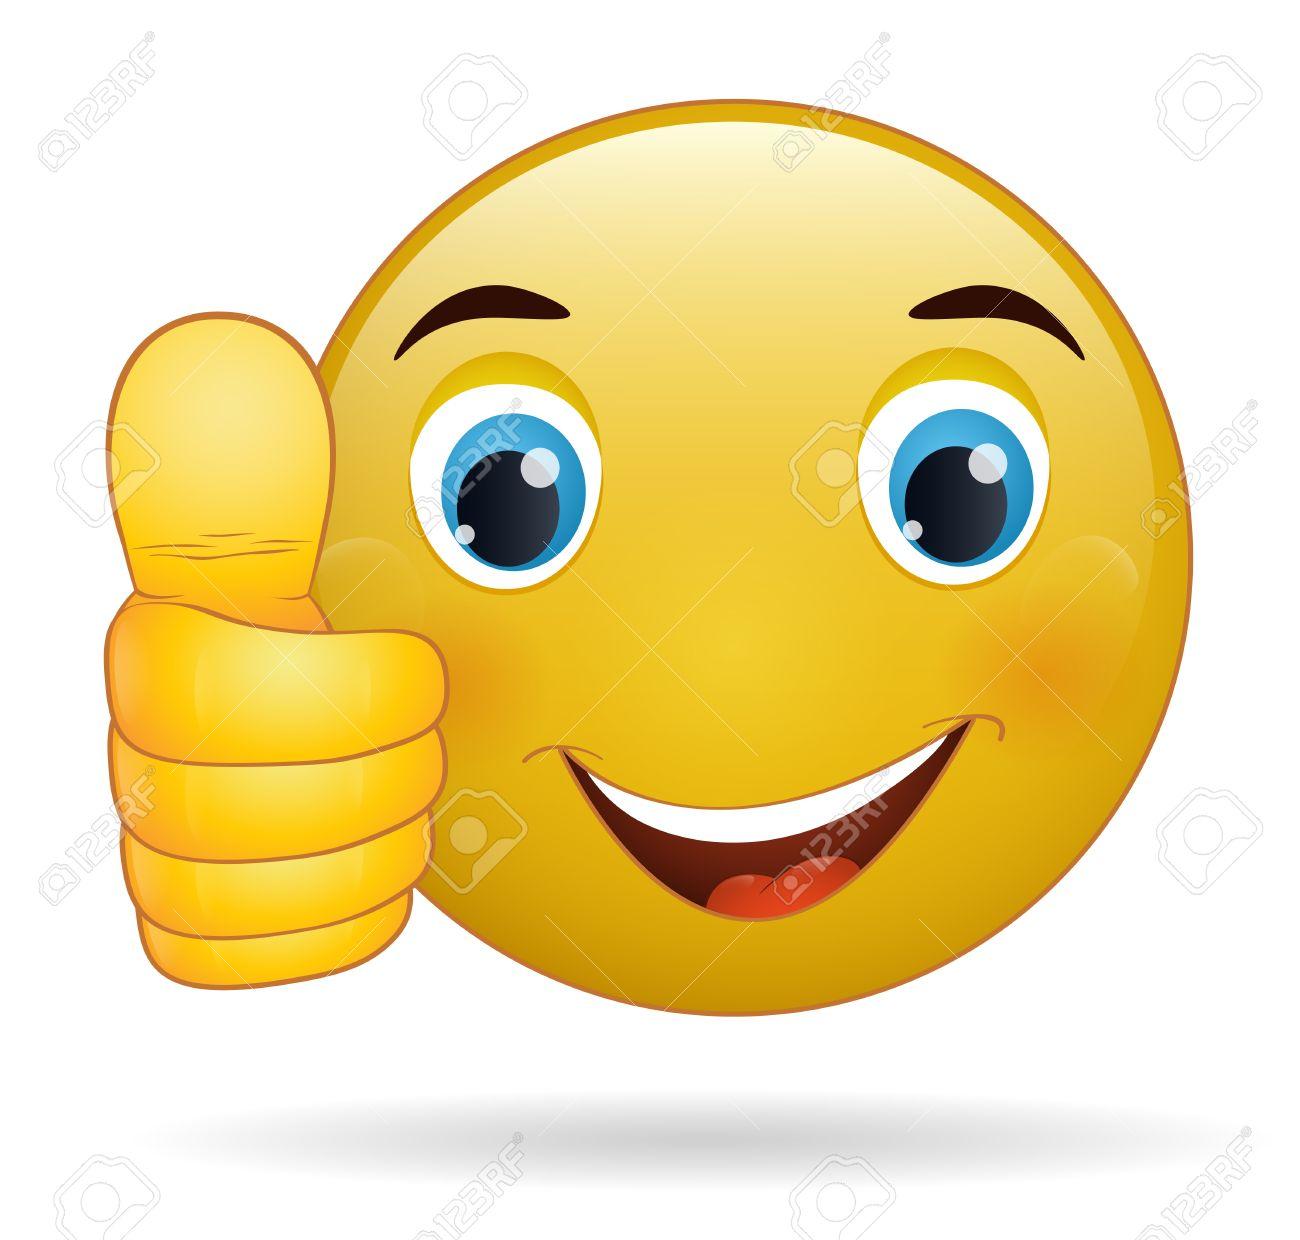 Thumb up émoticône, signe jaune de bande dessinée expression faciale Banque d'images - 27930077